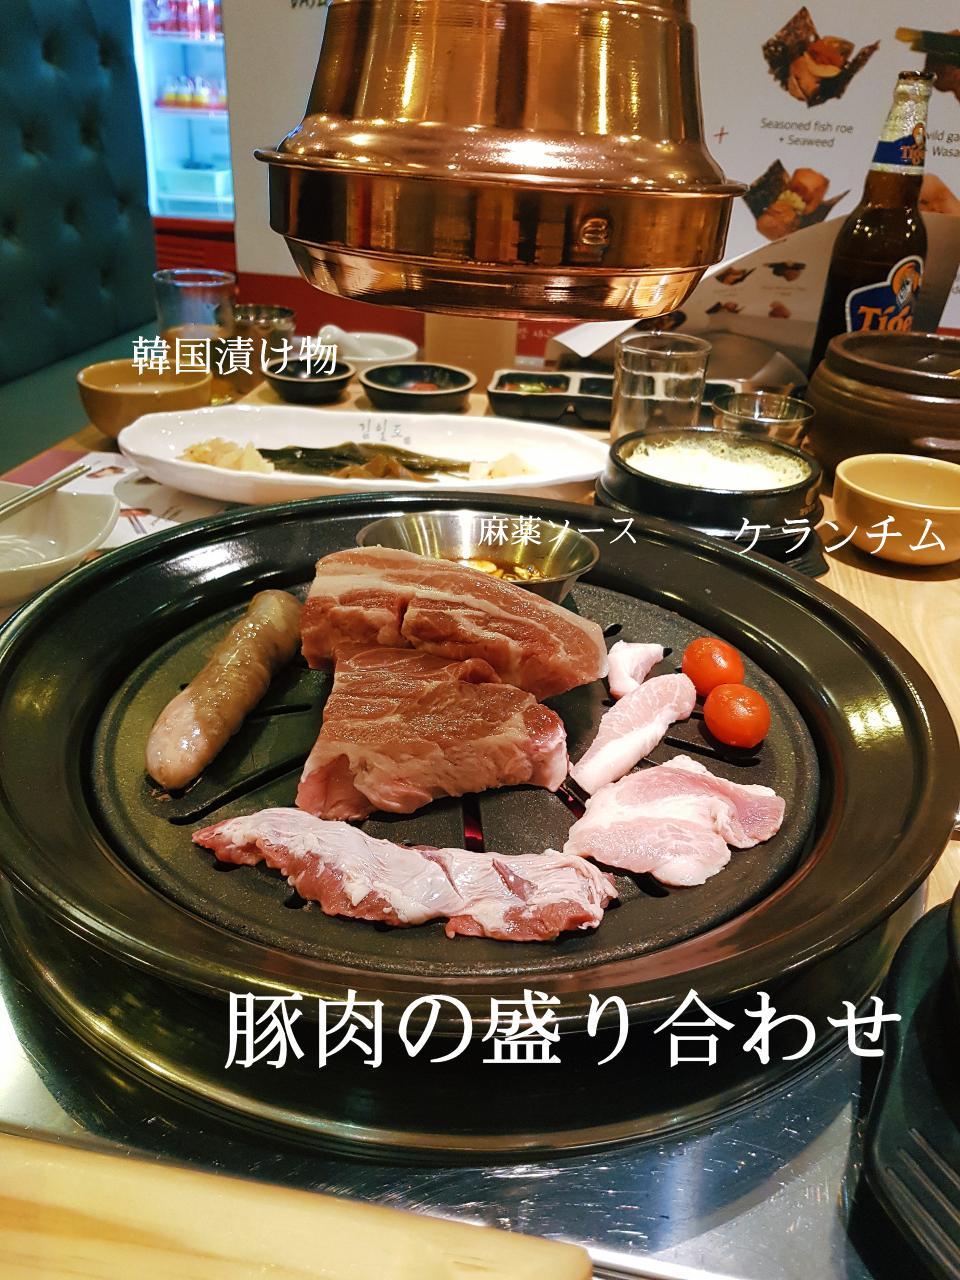 シンガポール韓国BBQ 豚肉 ハローアジア